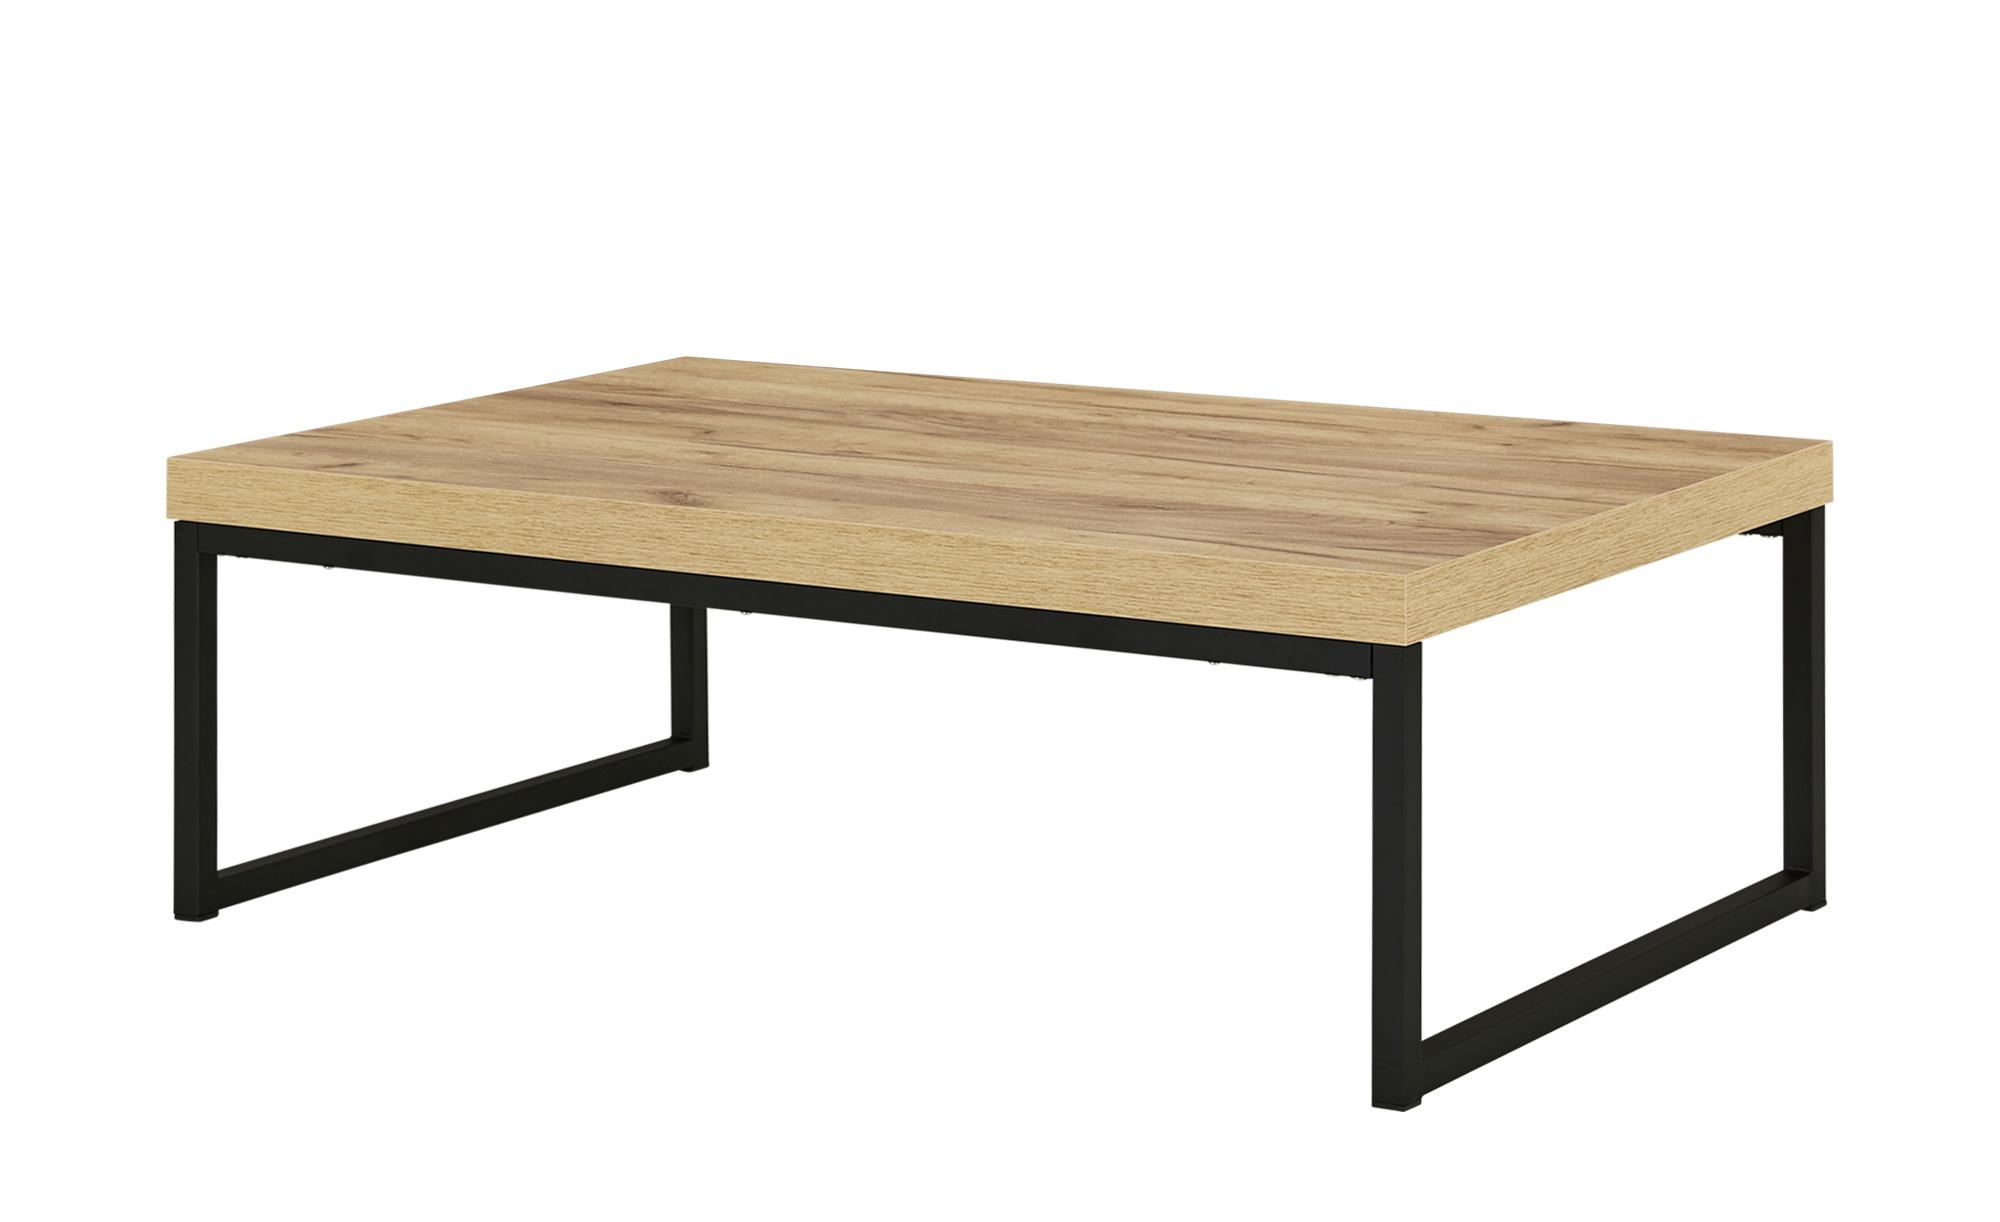 Couchtisch  Puro ¦ holzfarben ¦ Maße (cm): B: 70 H: 36 Tische > Couchtische > Couchtische rechteckig - Höffner